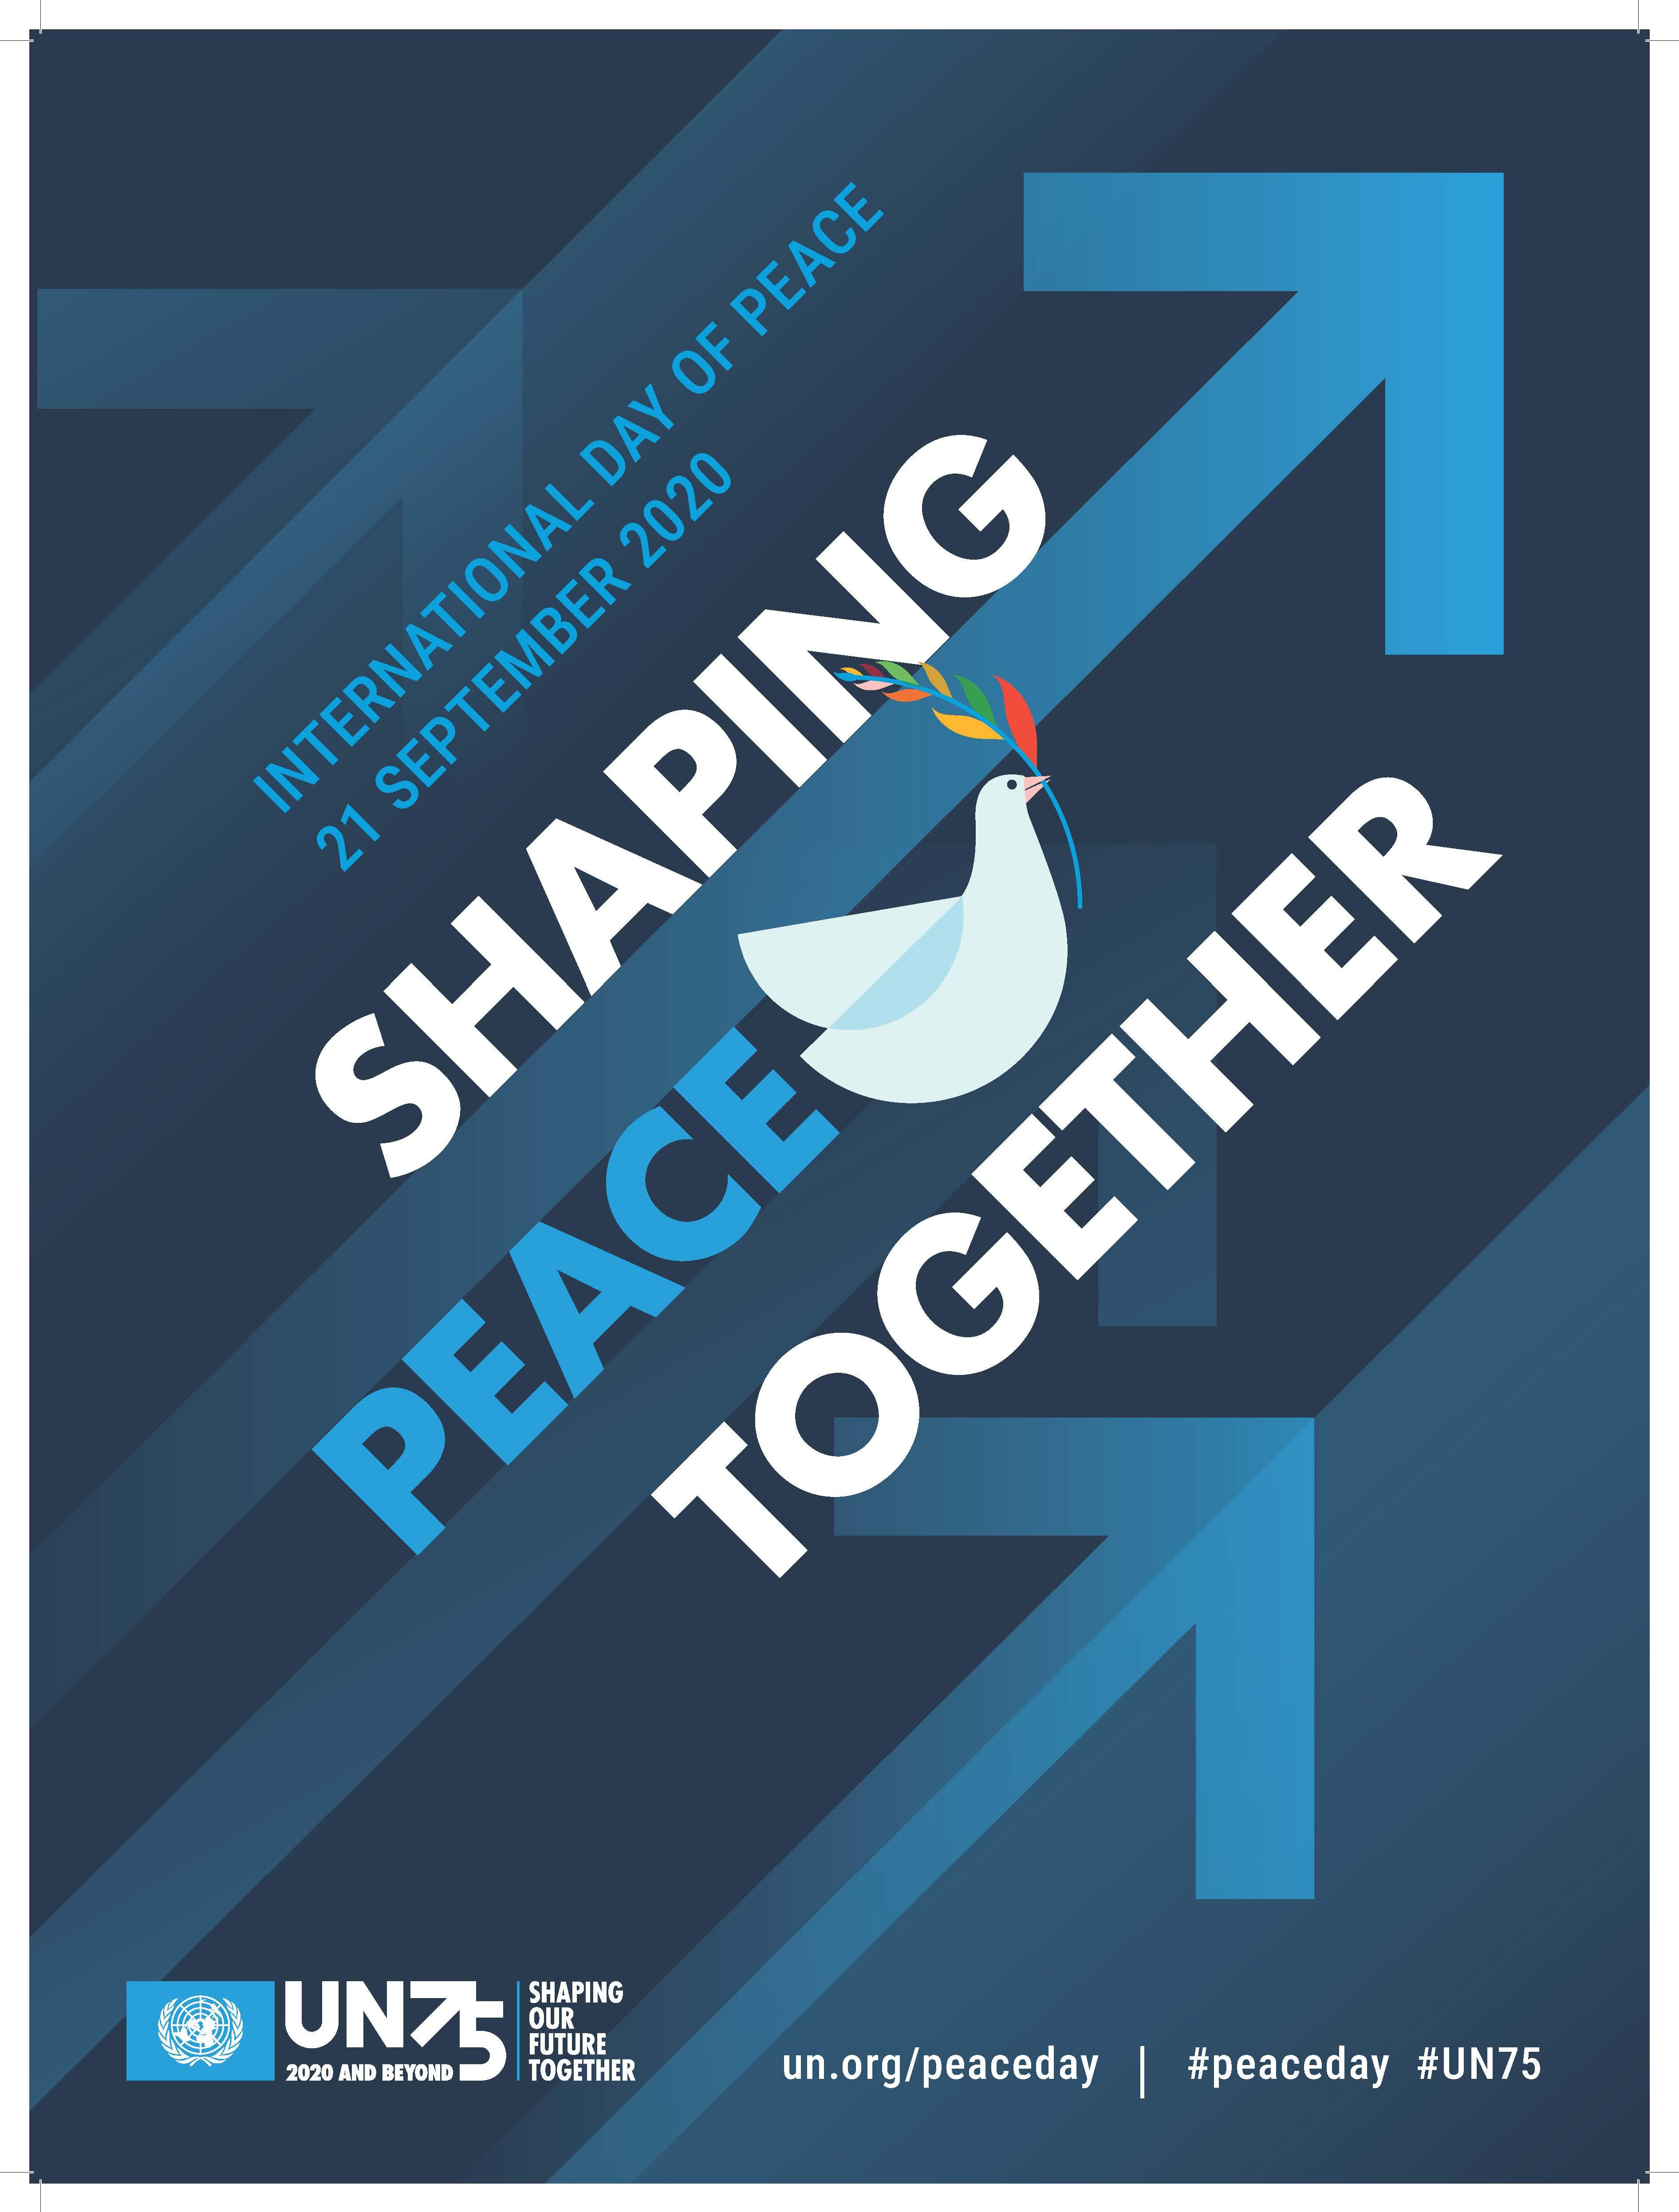 روز جهانی صلح ۲۰۲۰؛ برقراری صلح با کمک یکدیگر